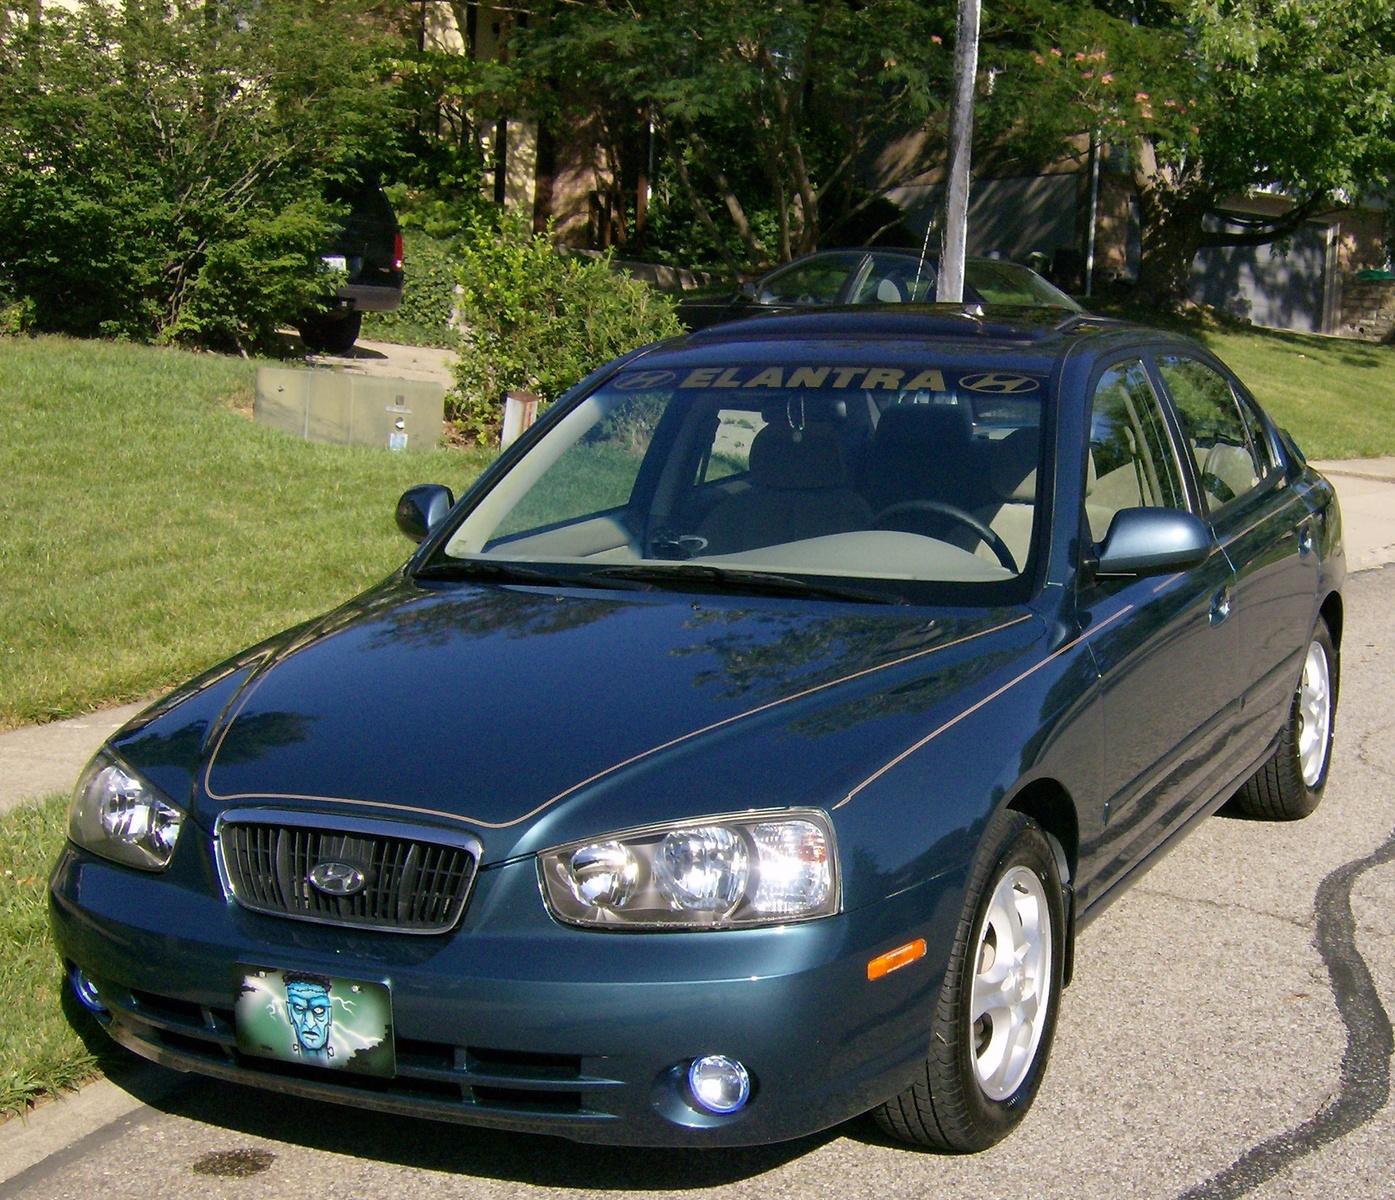 2003 Hyundai Sonata Interior: 2003 Hyundai Elantra